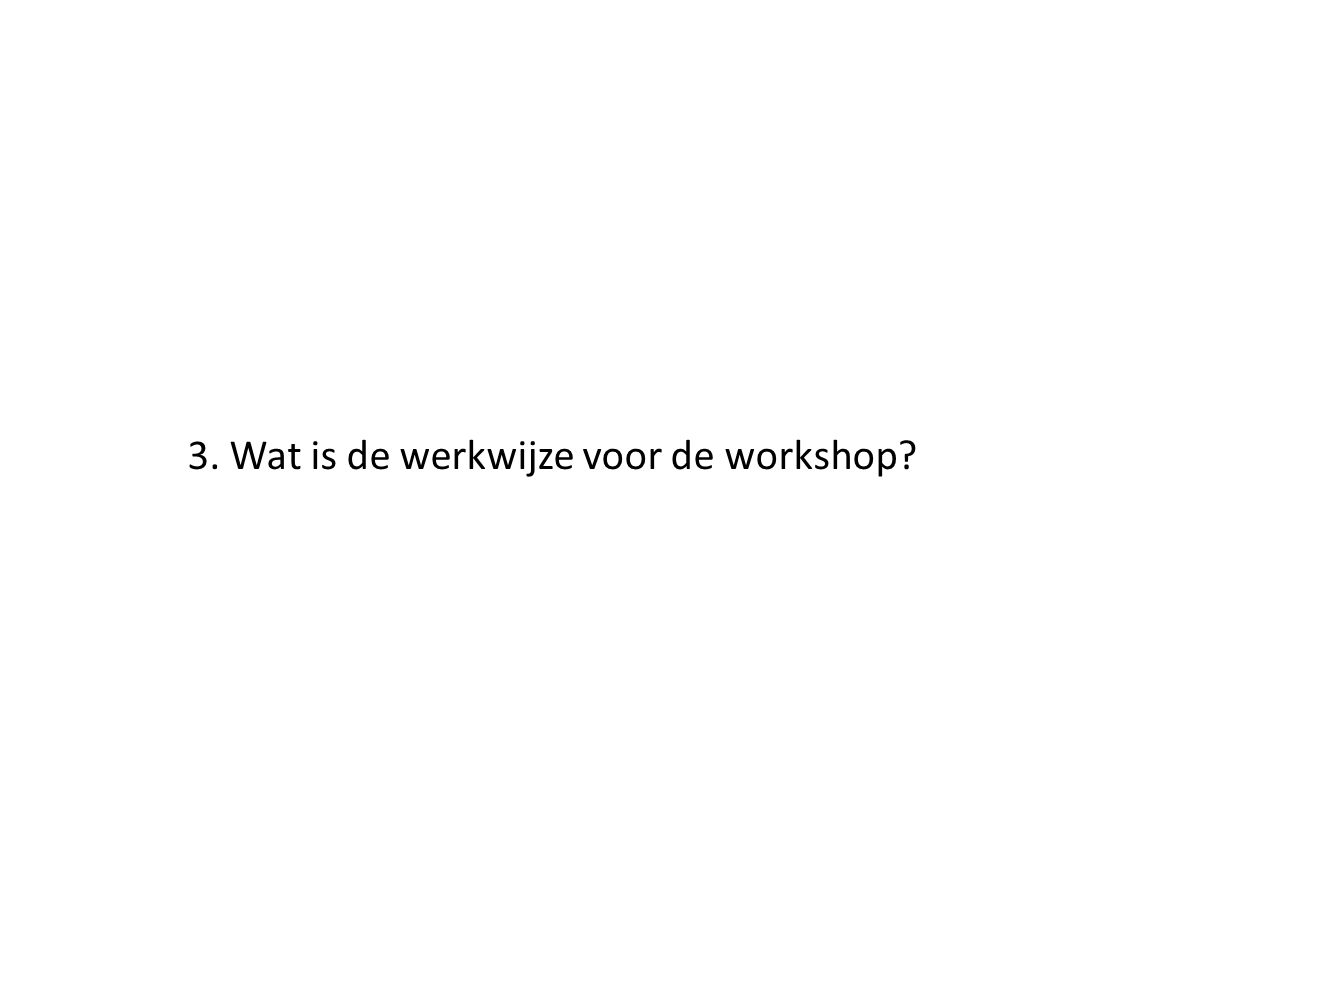 3. Wat is de werkwijze voor de workshop